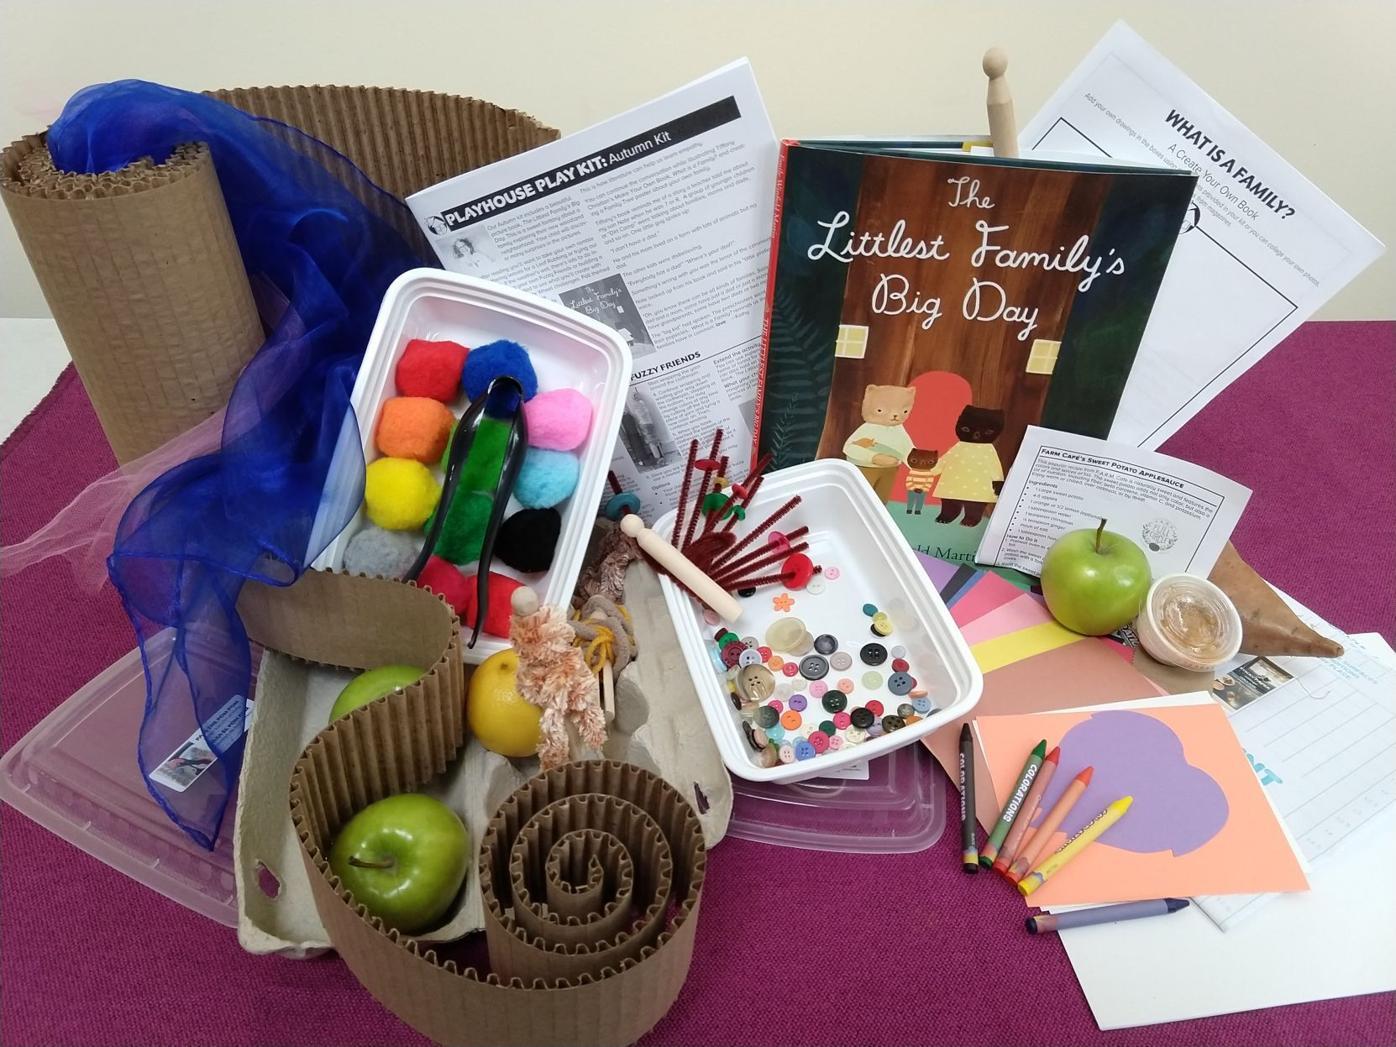 Autumn Kit Contents.jpg